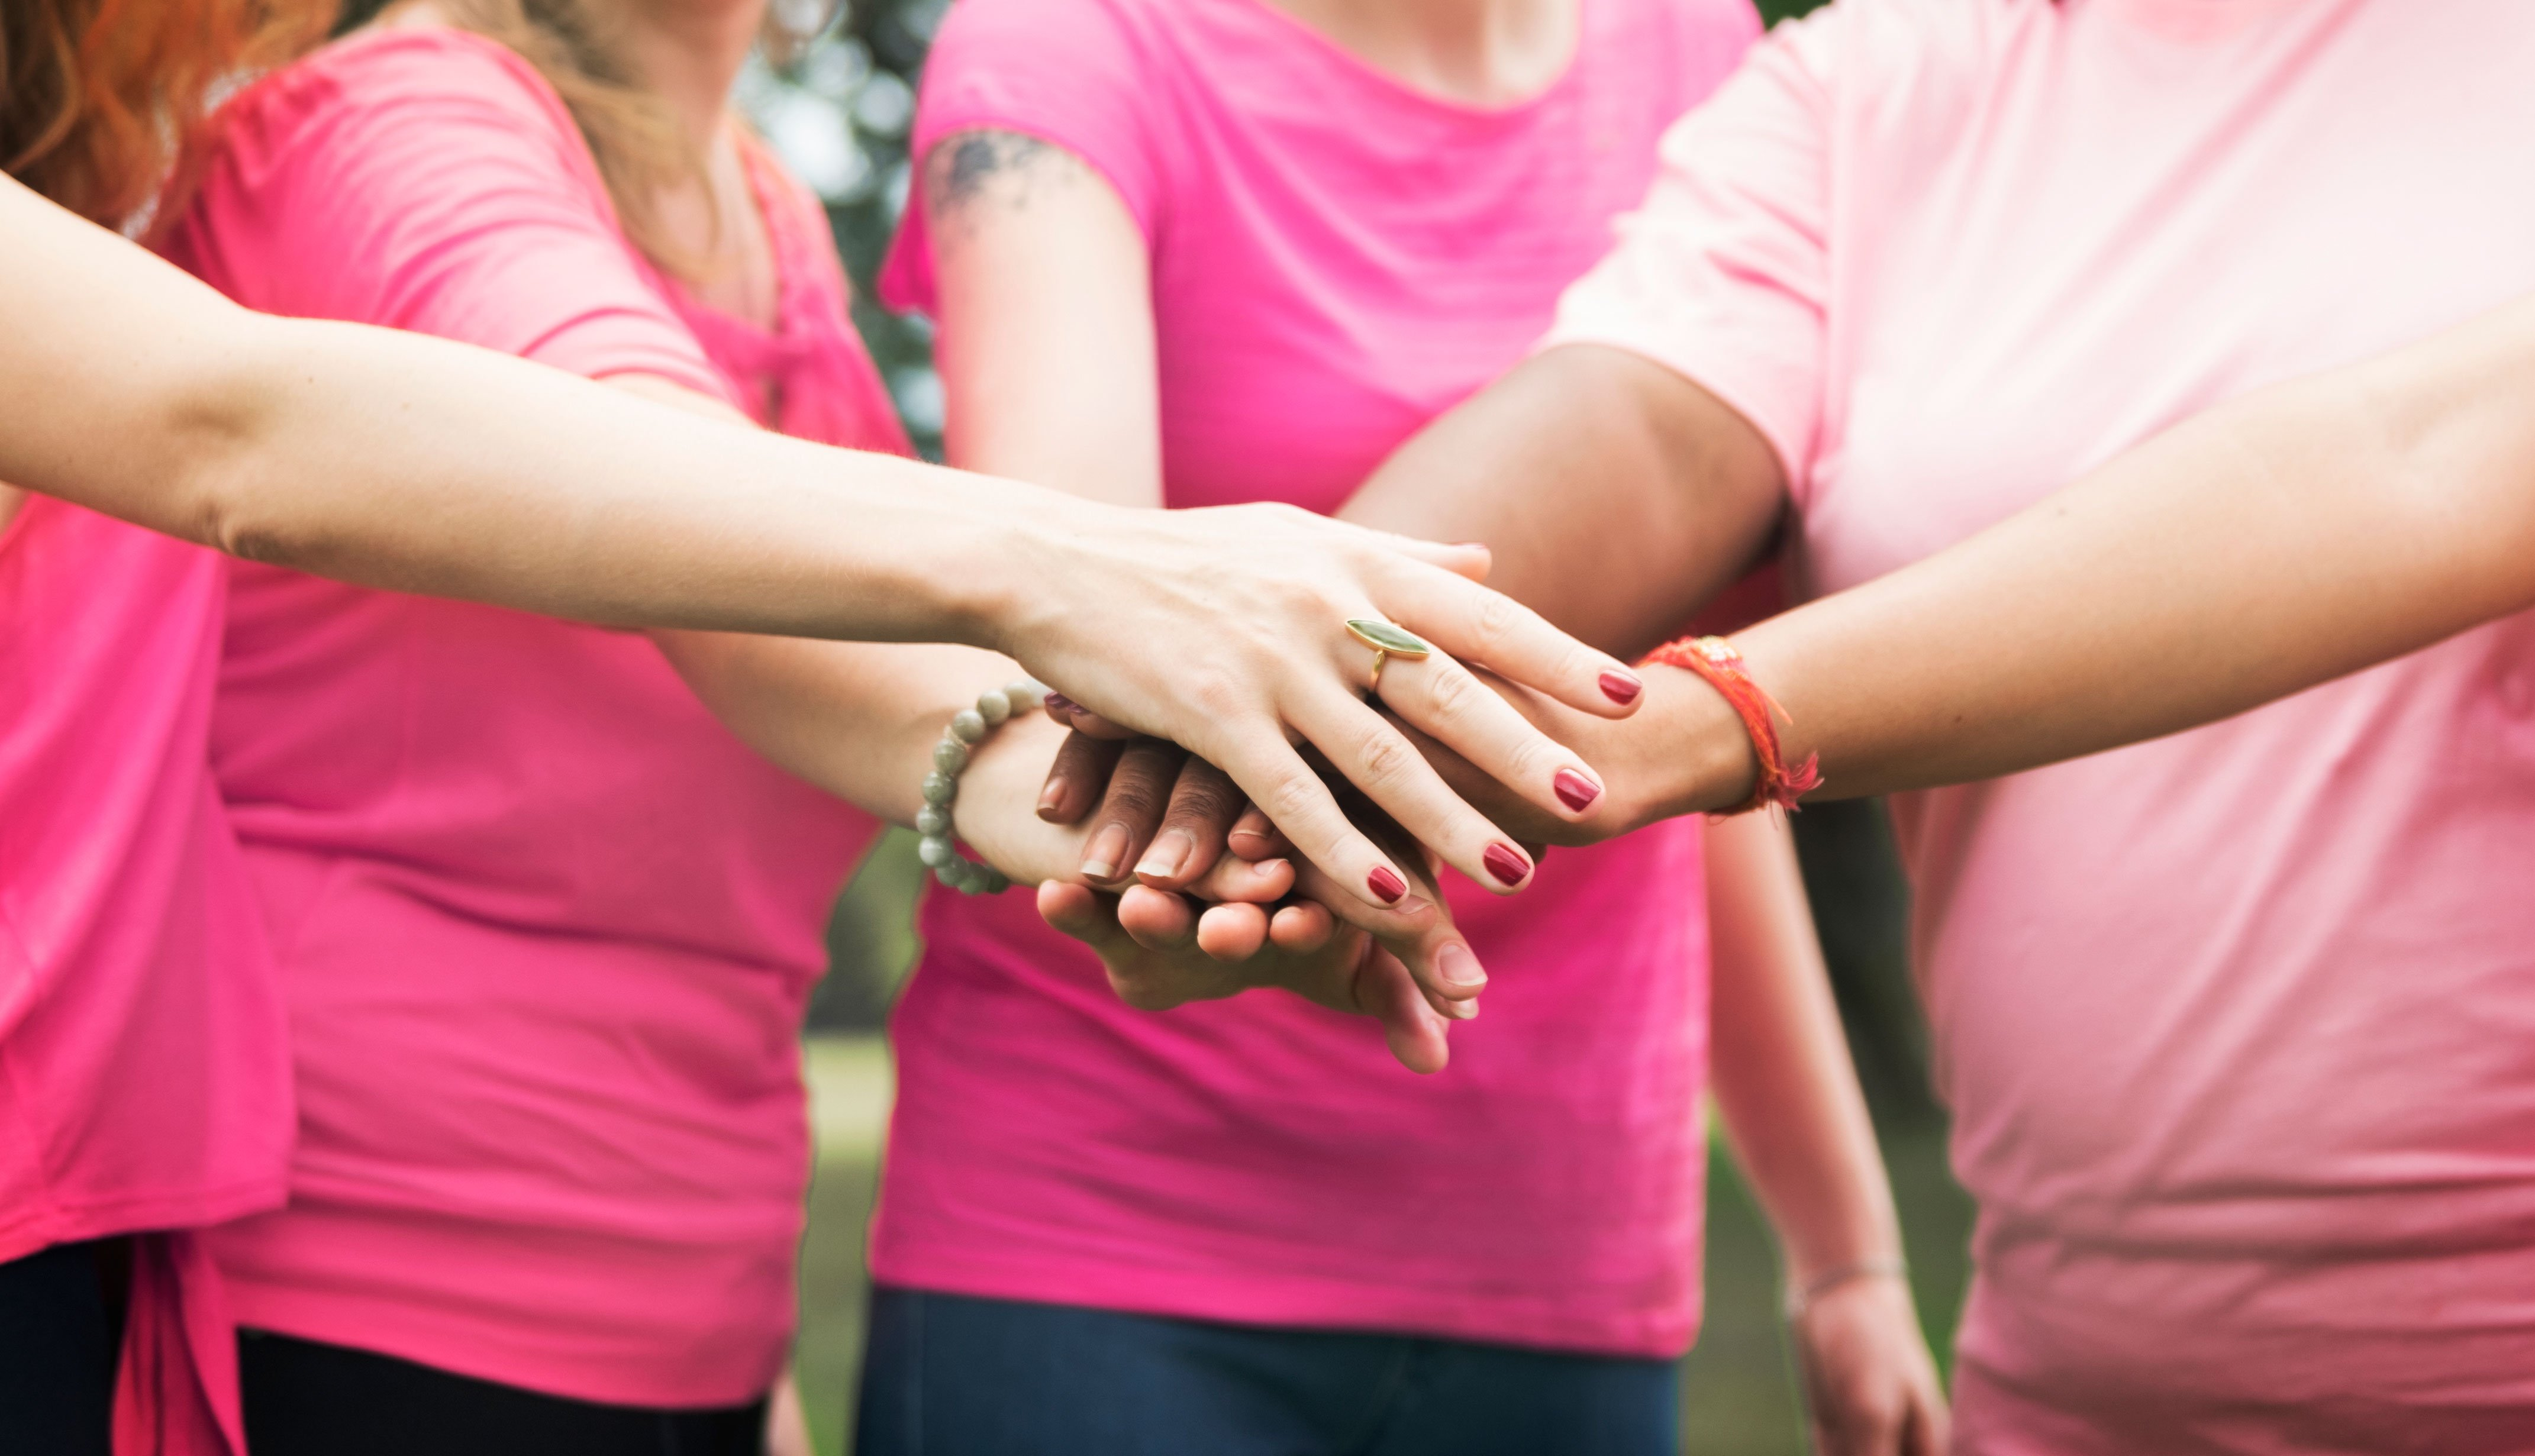 Grupo de mujeres juntando sus manos